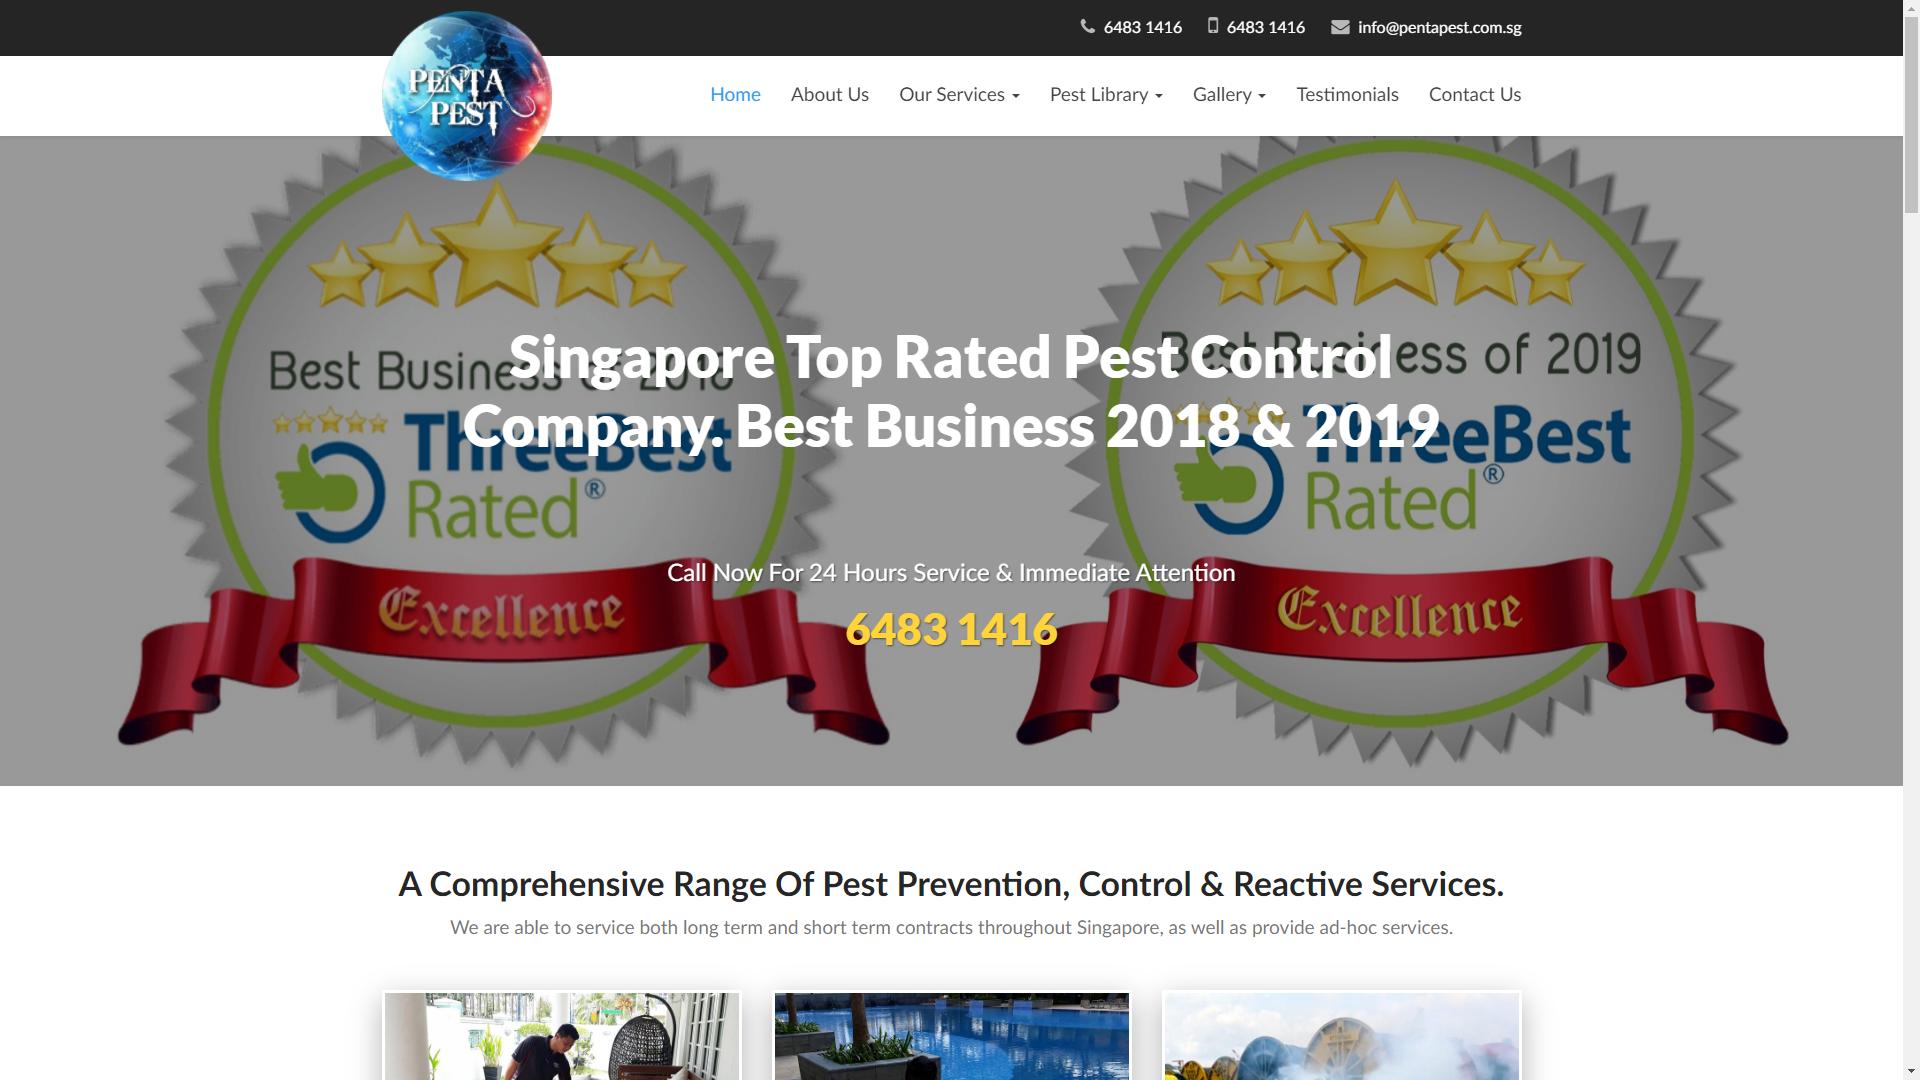 Penta Pest pest control companies in Singapore